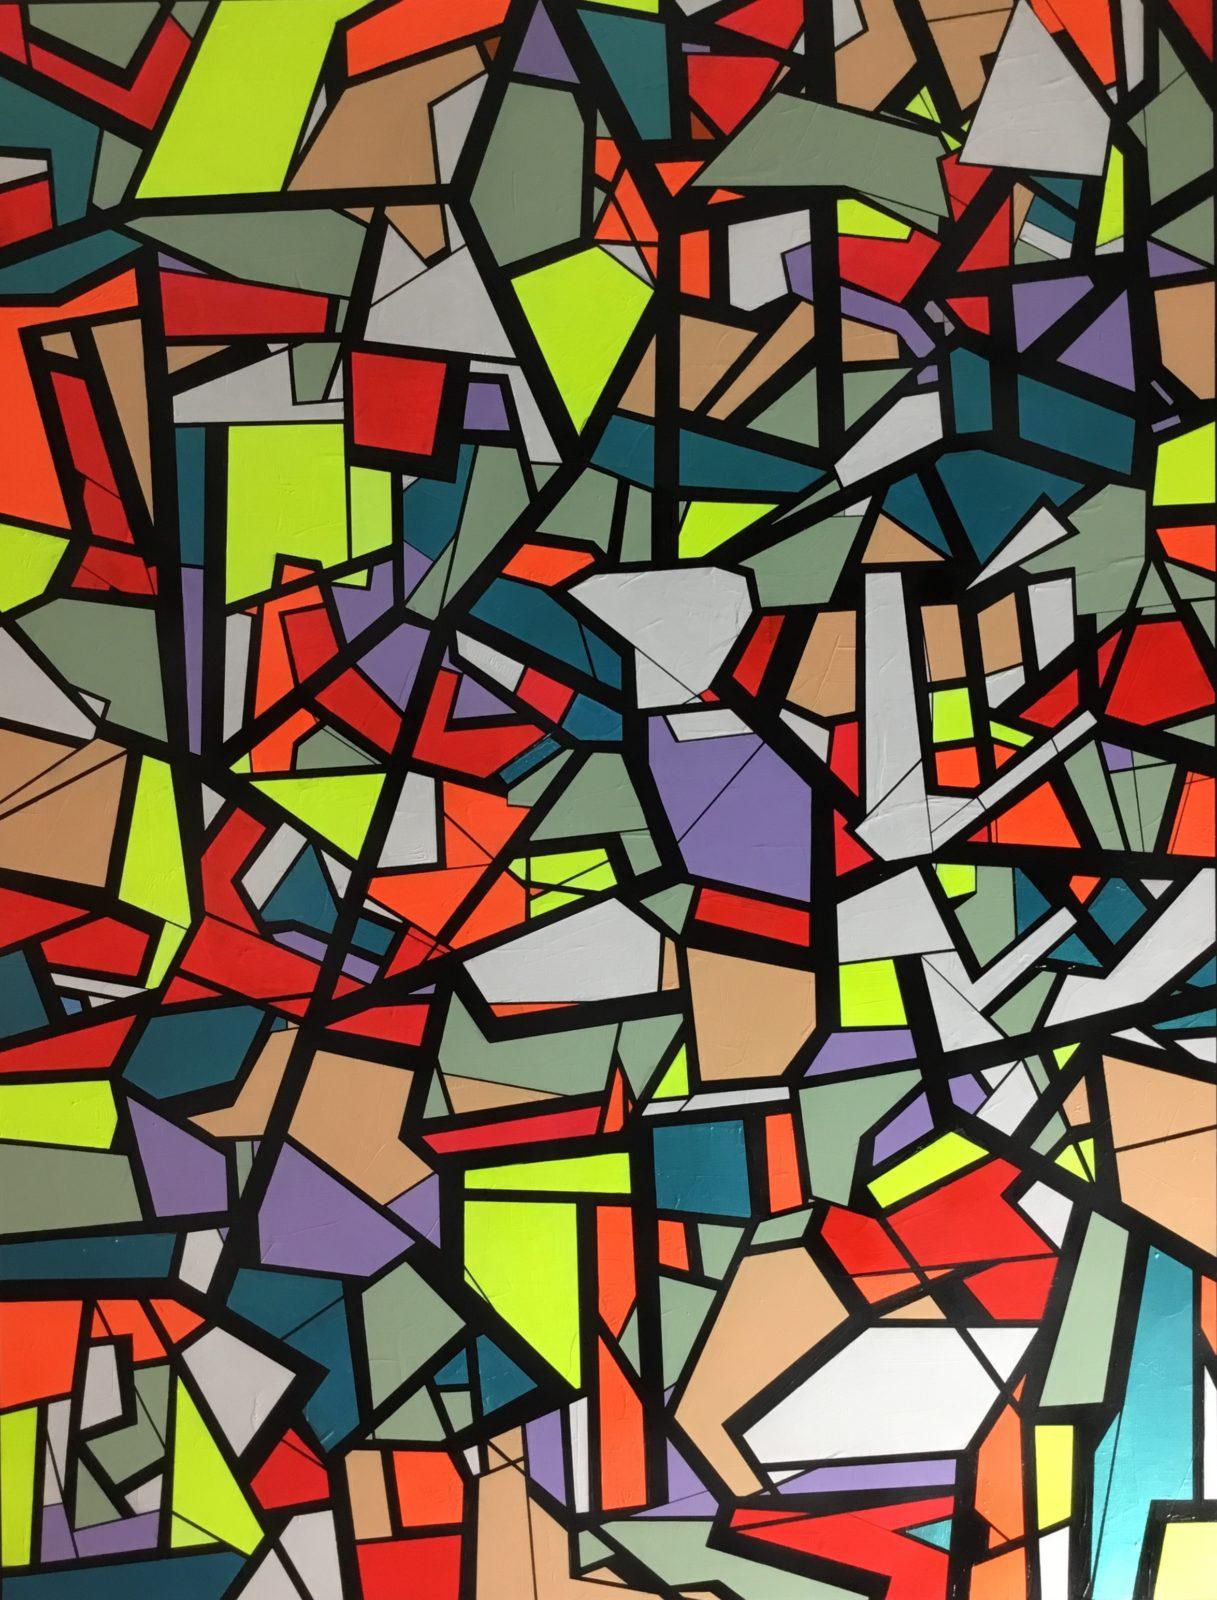 artwork4wanda, 90x115